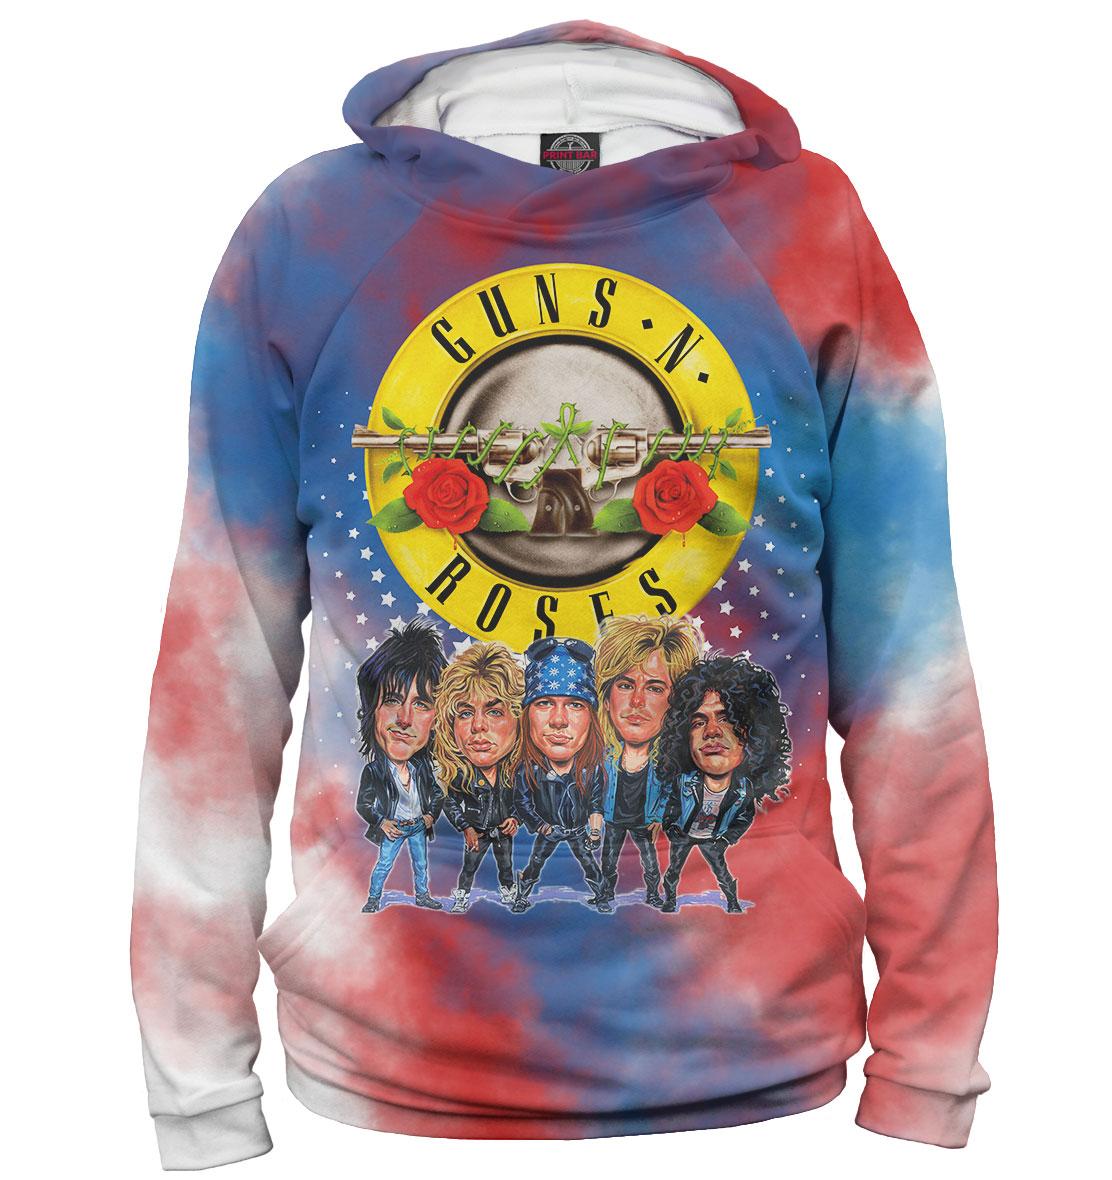 Купить Guns N' Roses, Printbar, Худи, GNR-329135-hud-2